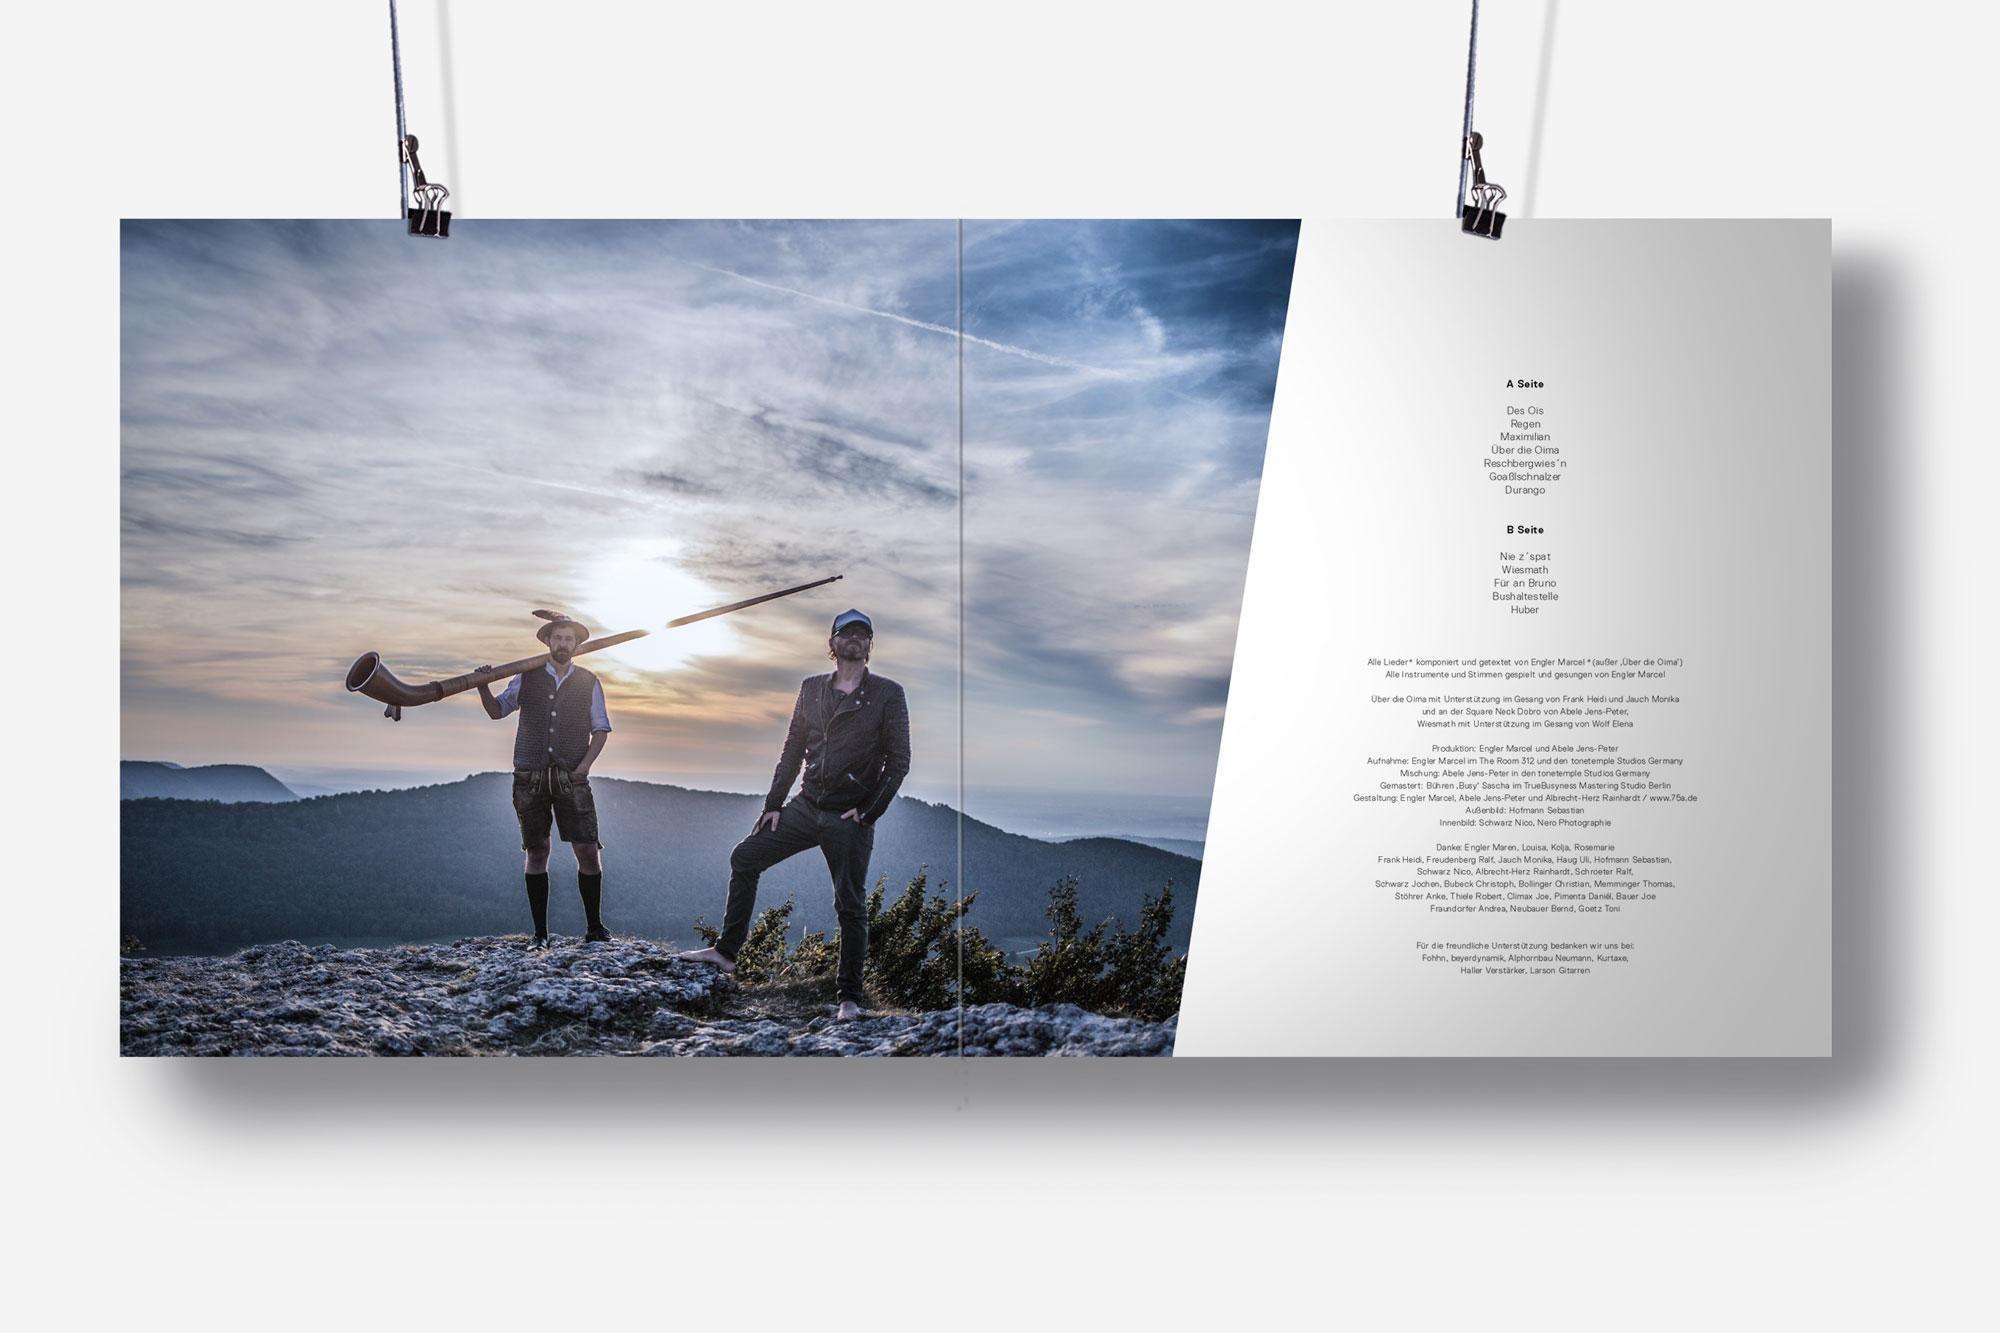 75a, Büro für Gestaltung aus Stuttgart gestaltet das Plattencover von Loisach Marci